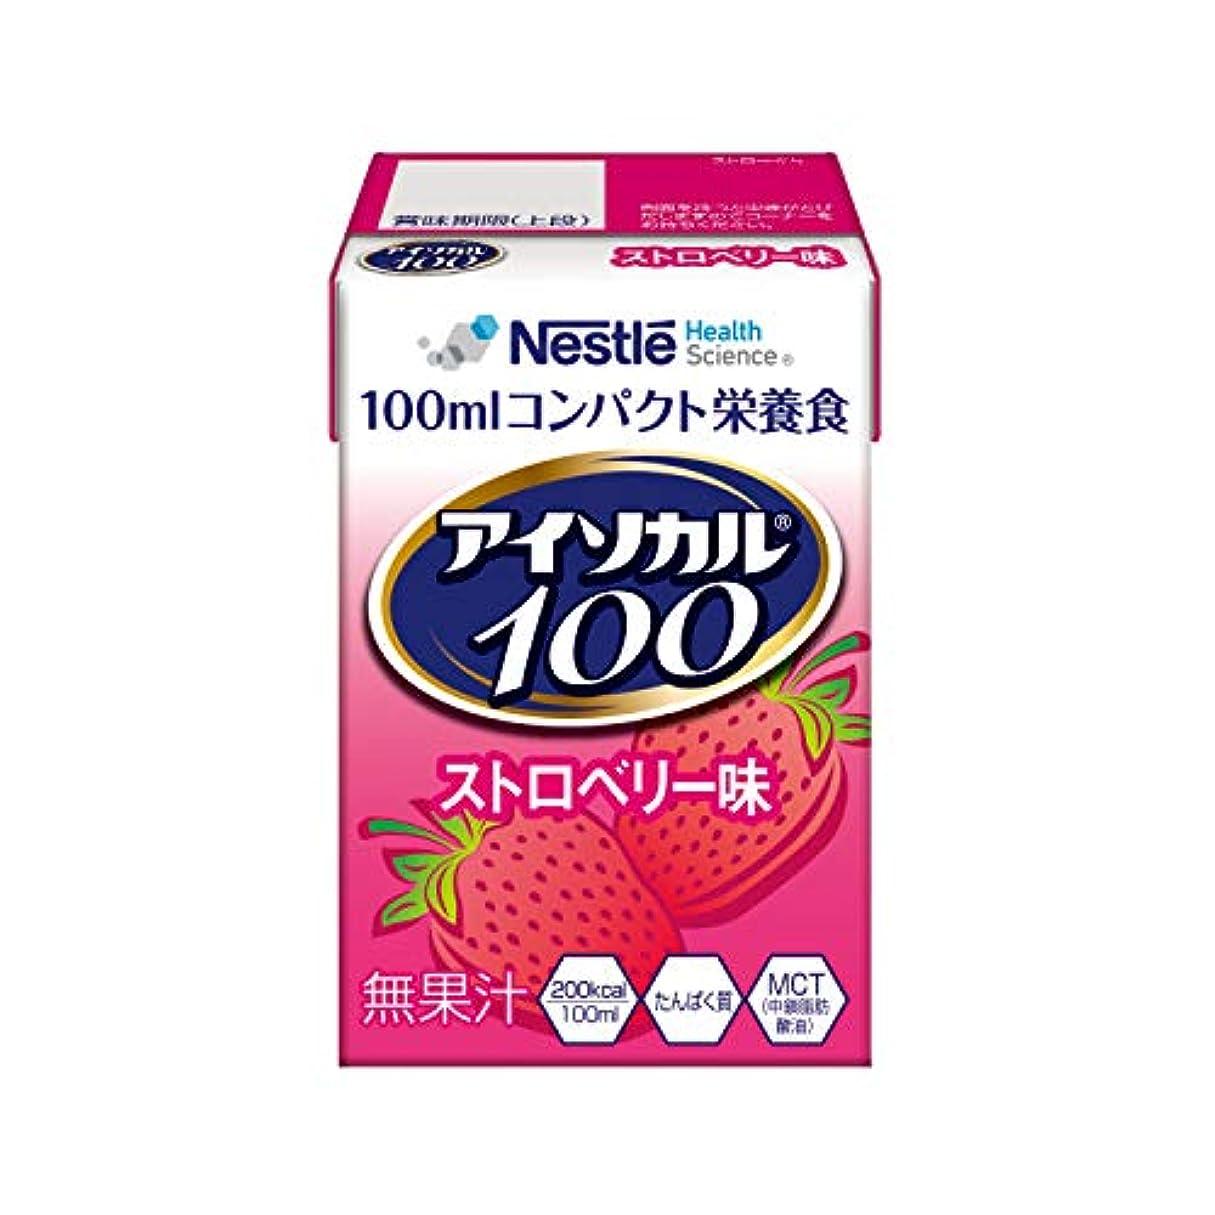 泣き叫ぶ改修感情Nestle (ネスレ) アイソカル 100 ストロベリー味 100ml×24